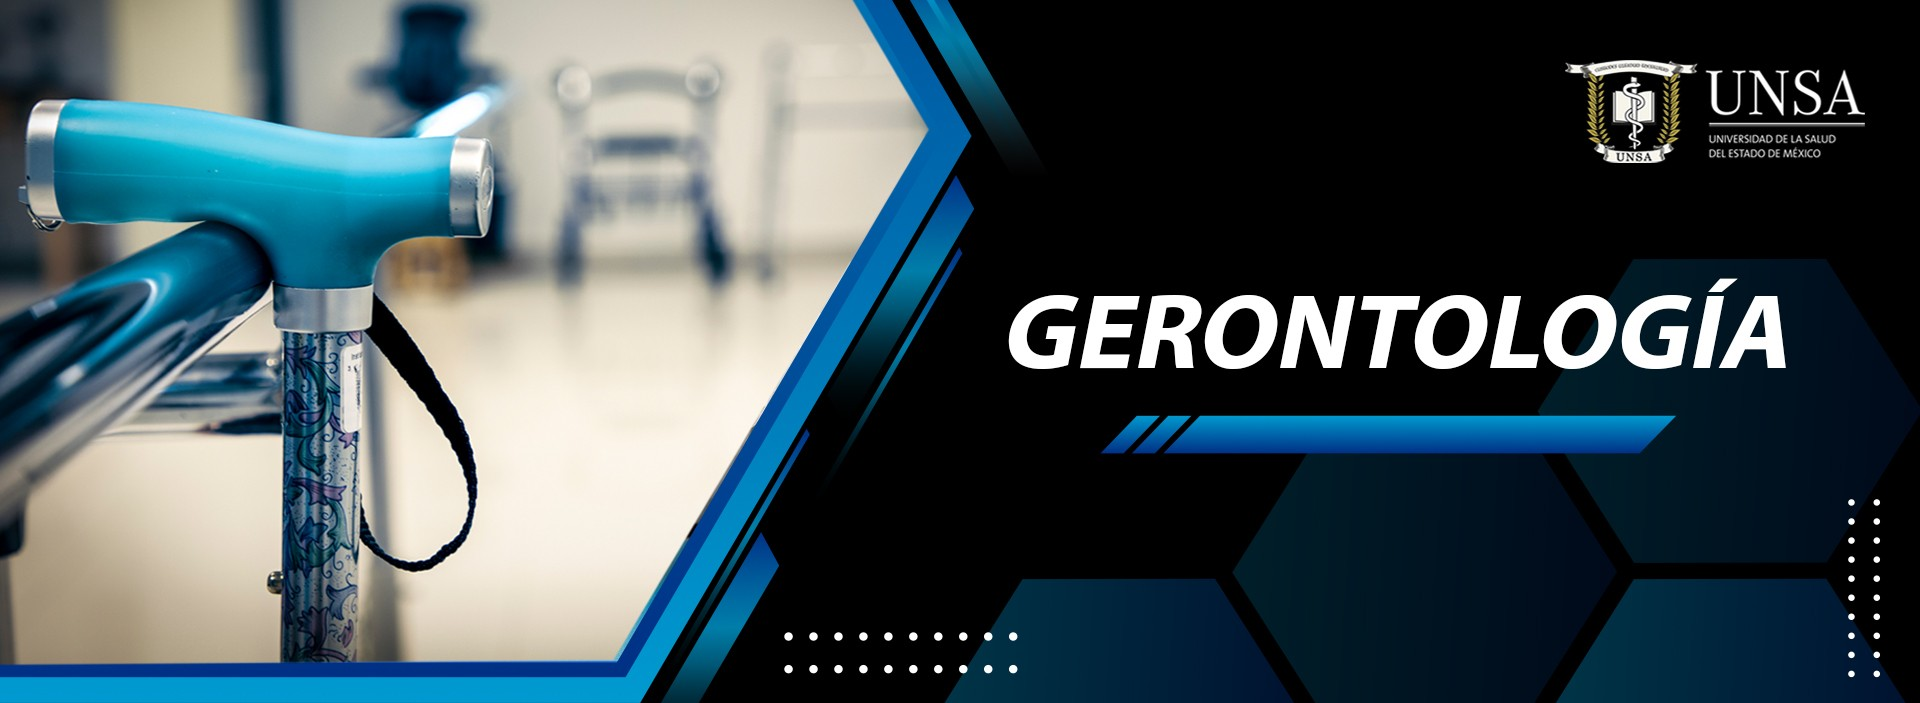 UNSA - Gerontología